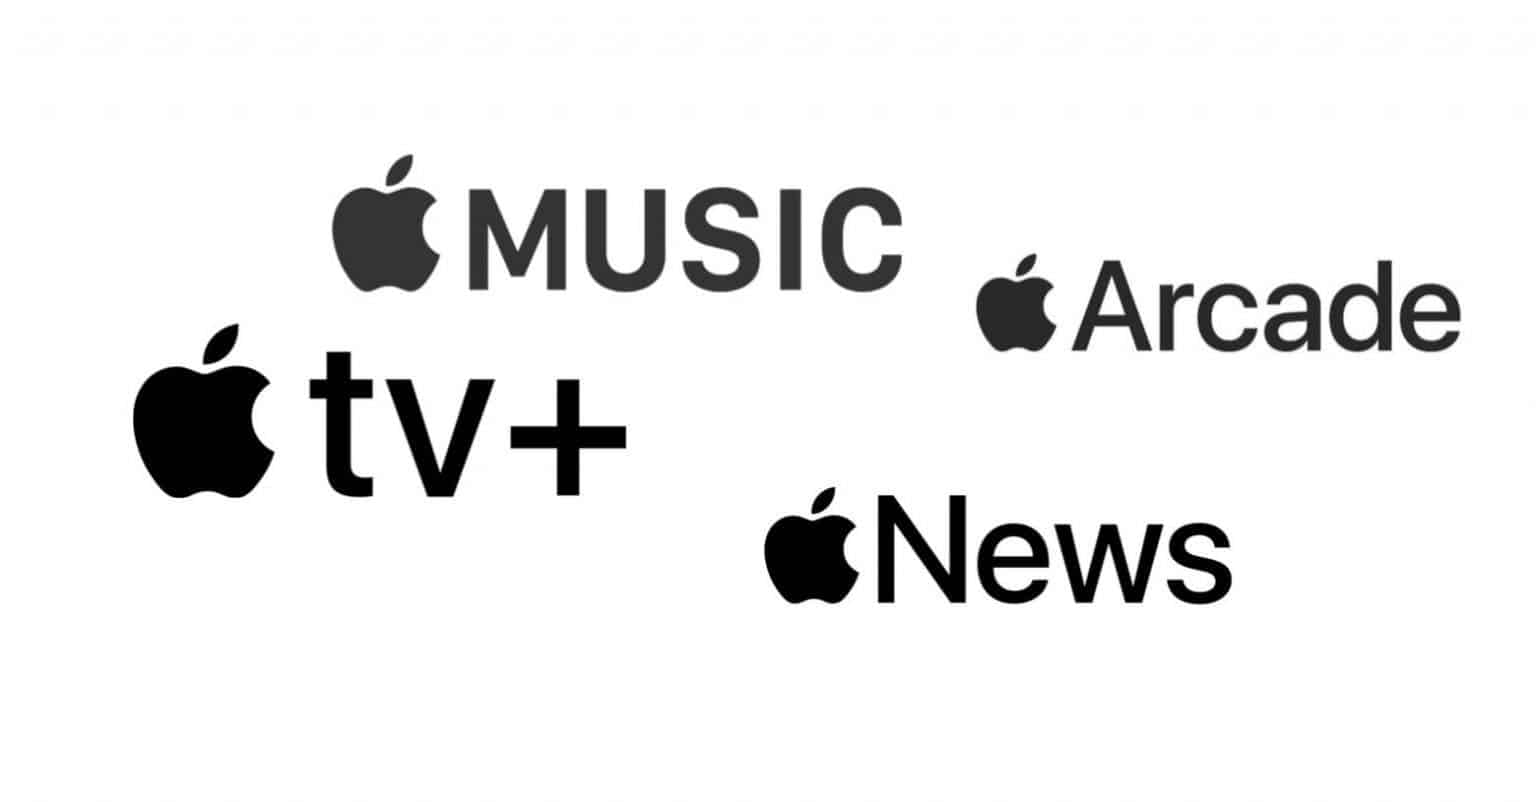 اپل به همراه گوشیهای آیفون 12 اشتراک سرویسهای آنلاین خود را به صورت باندل عرضه میکند